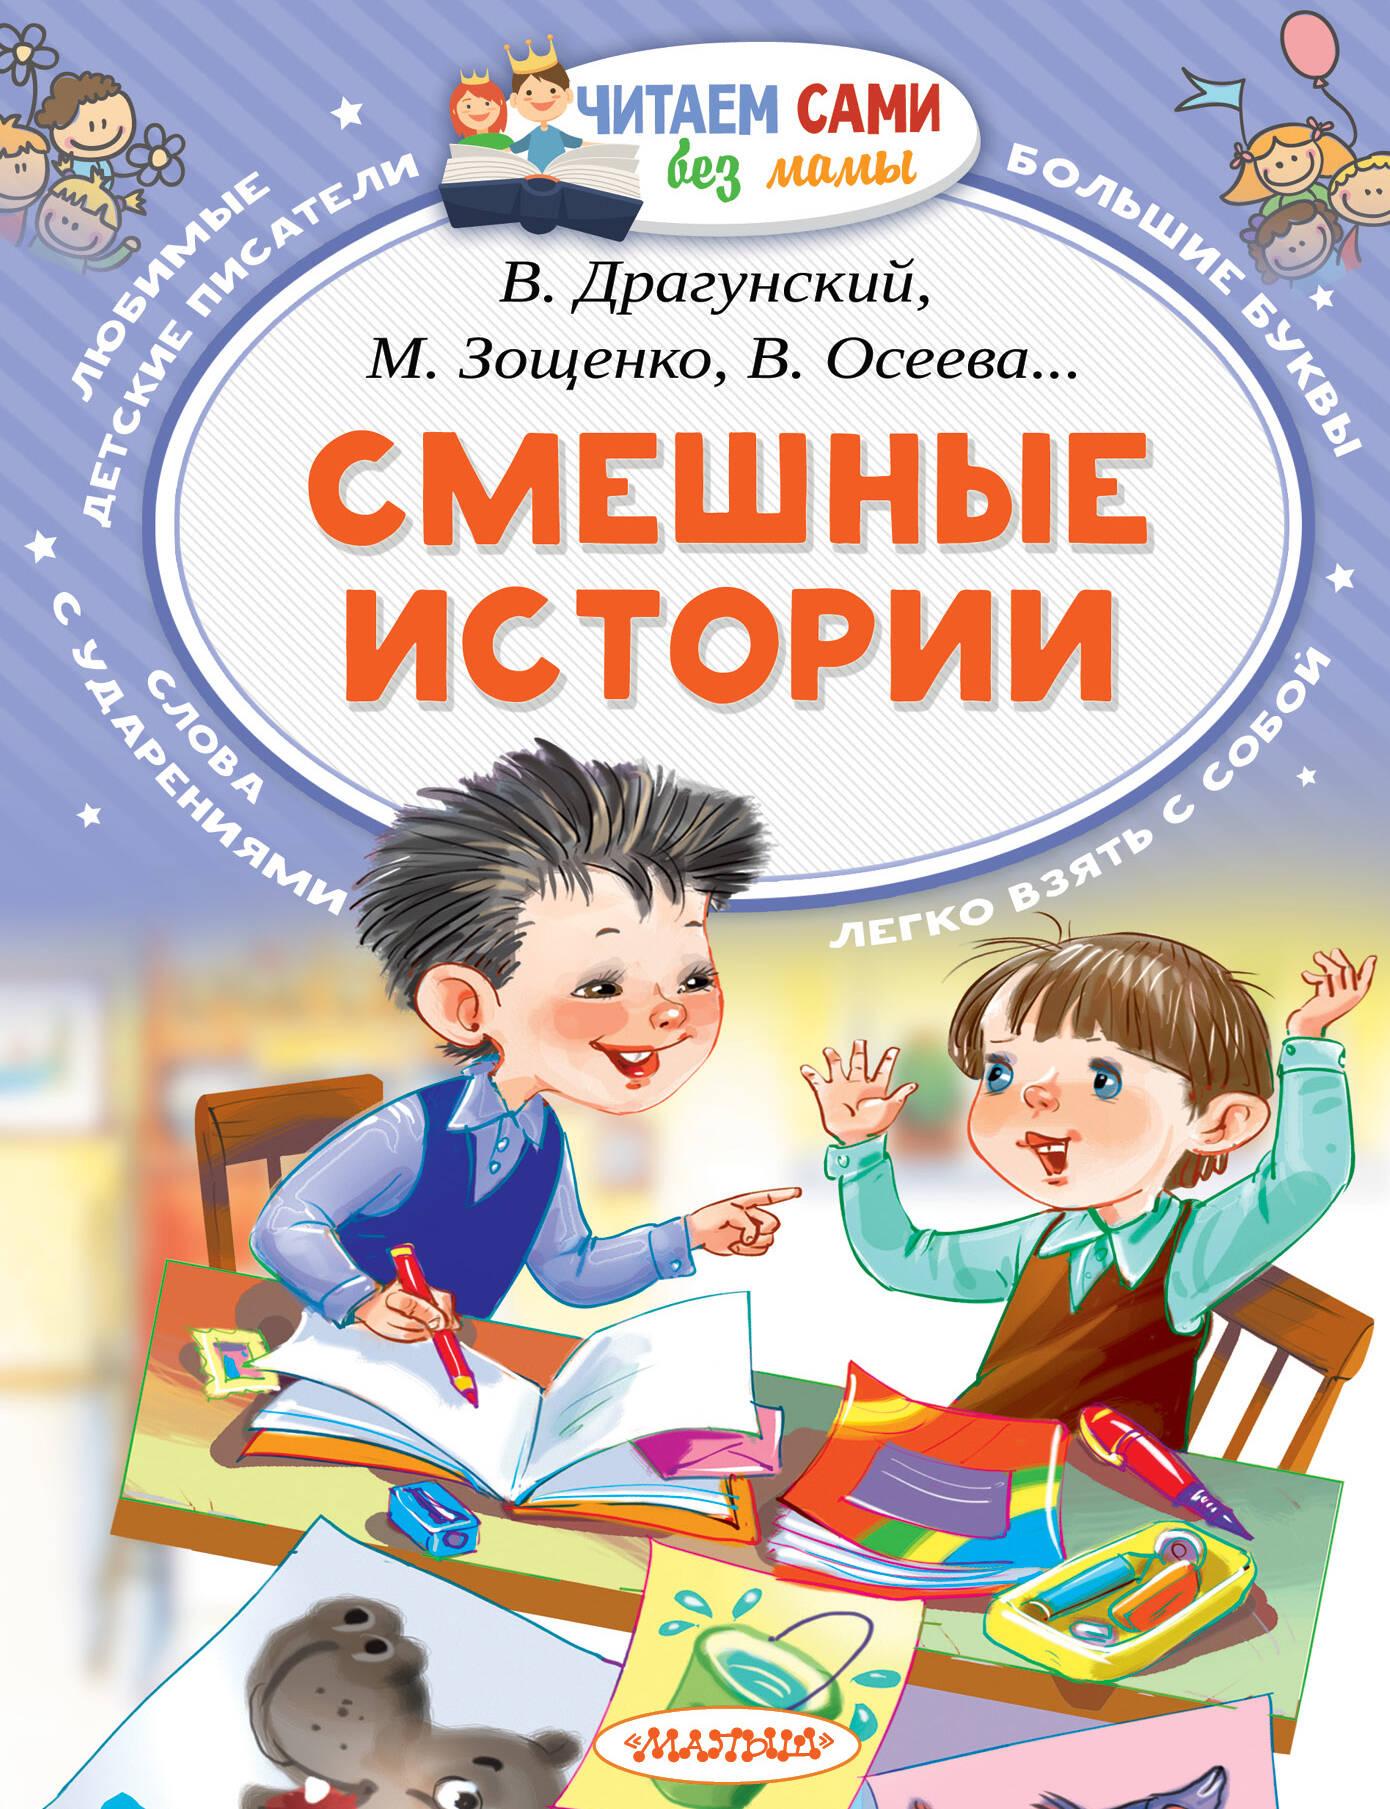 юмористическая литература картинки